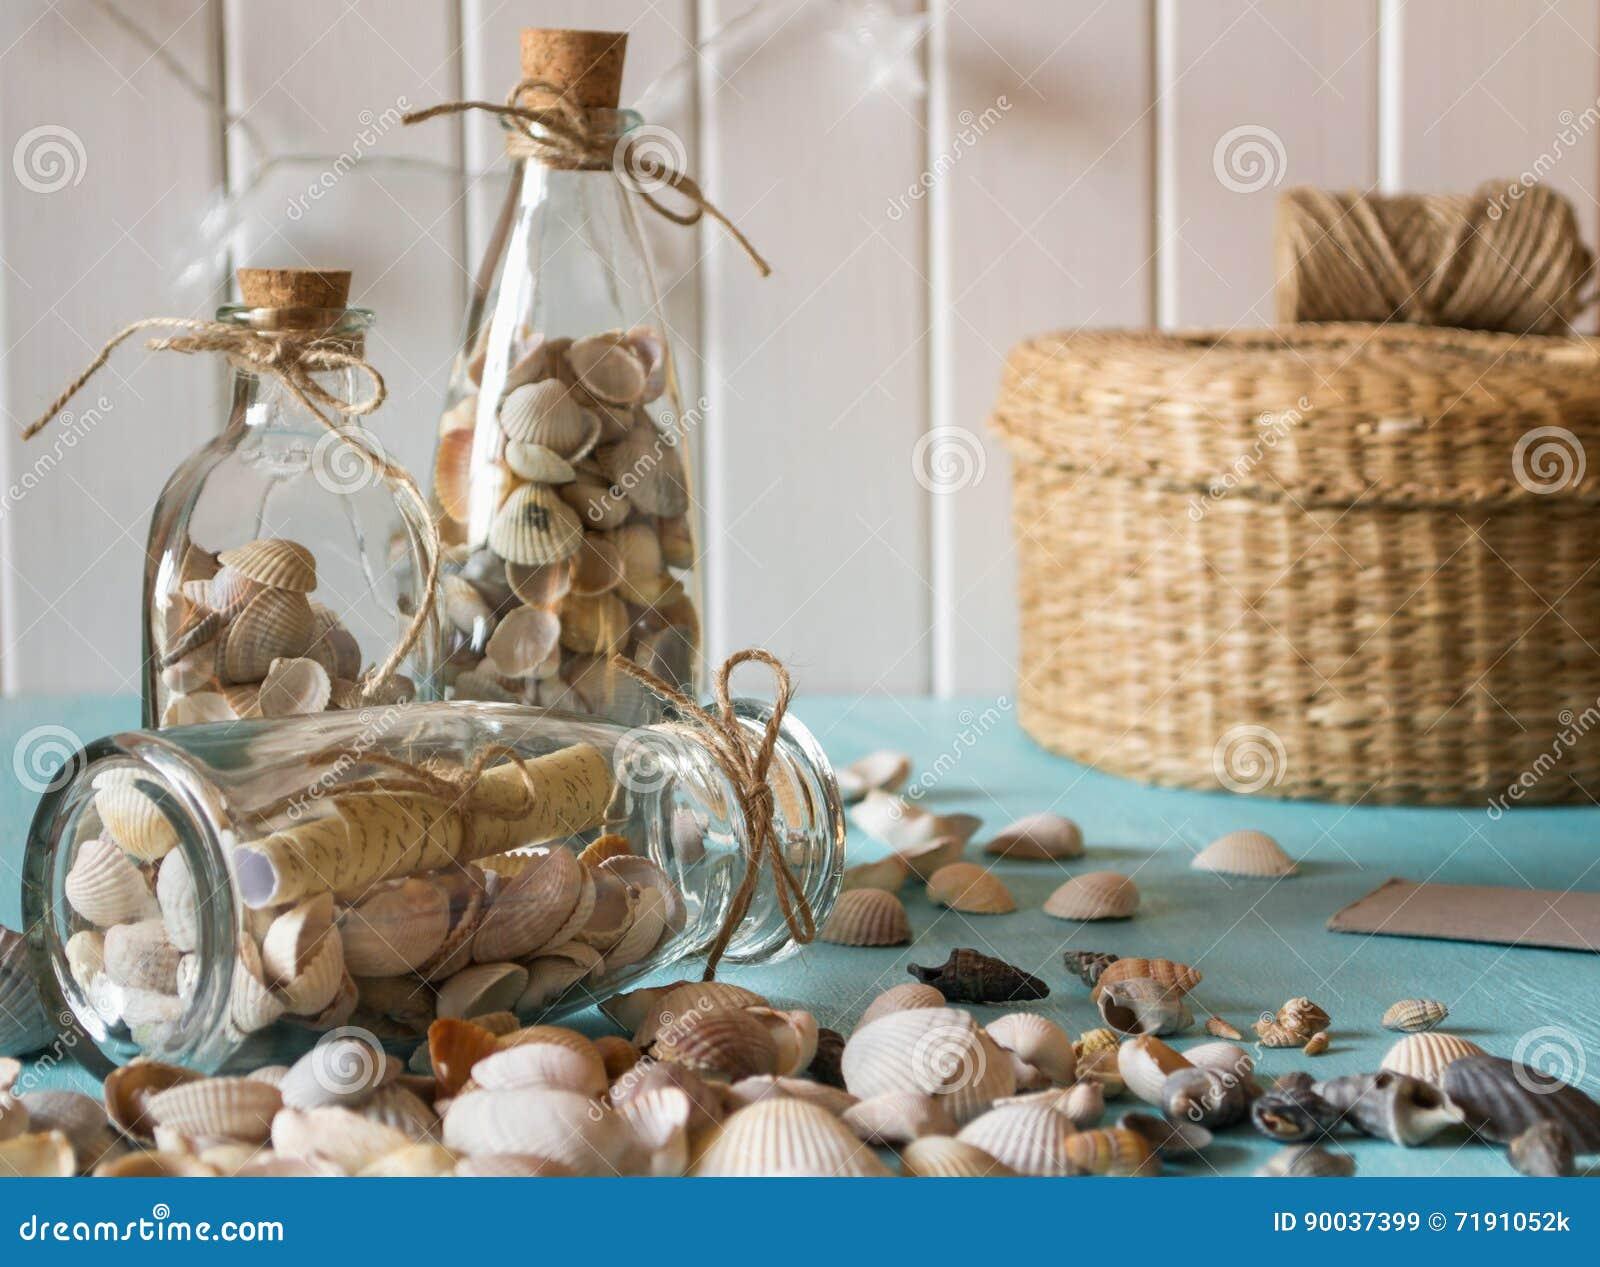 id e de d coration int rieure avec des coquillages et des bouteilles en verre image stock. Black Bedroom Furniture Sets. Home Design Ideas